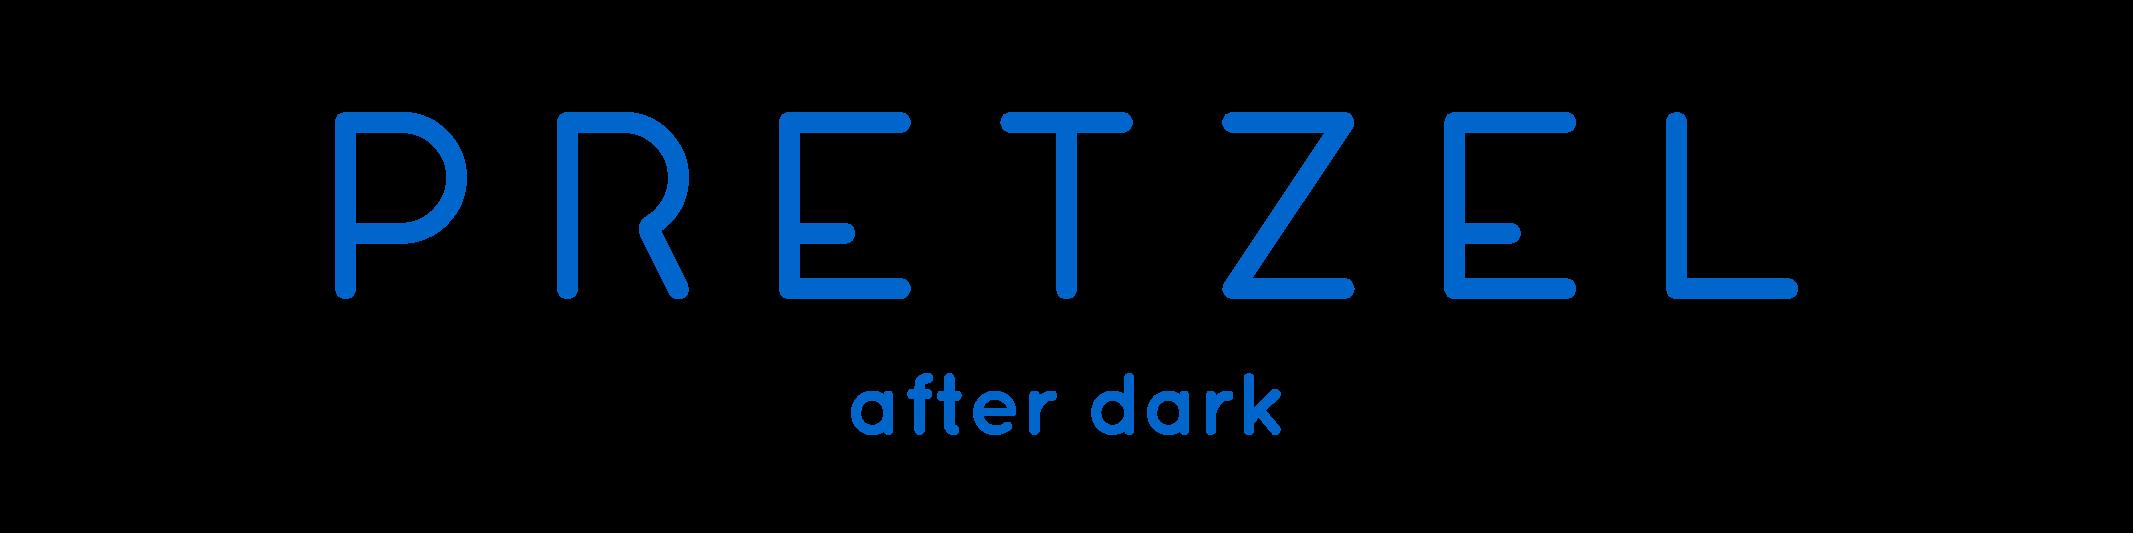 Pretzel After Dark